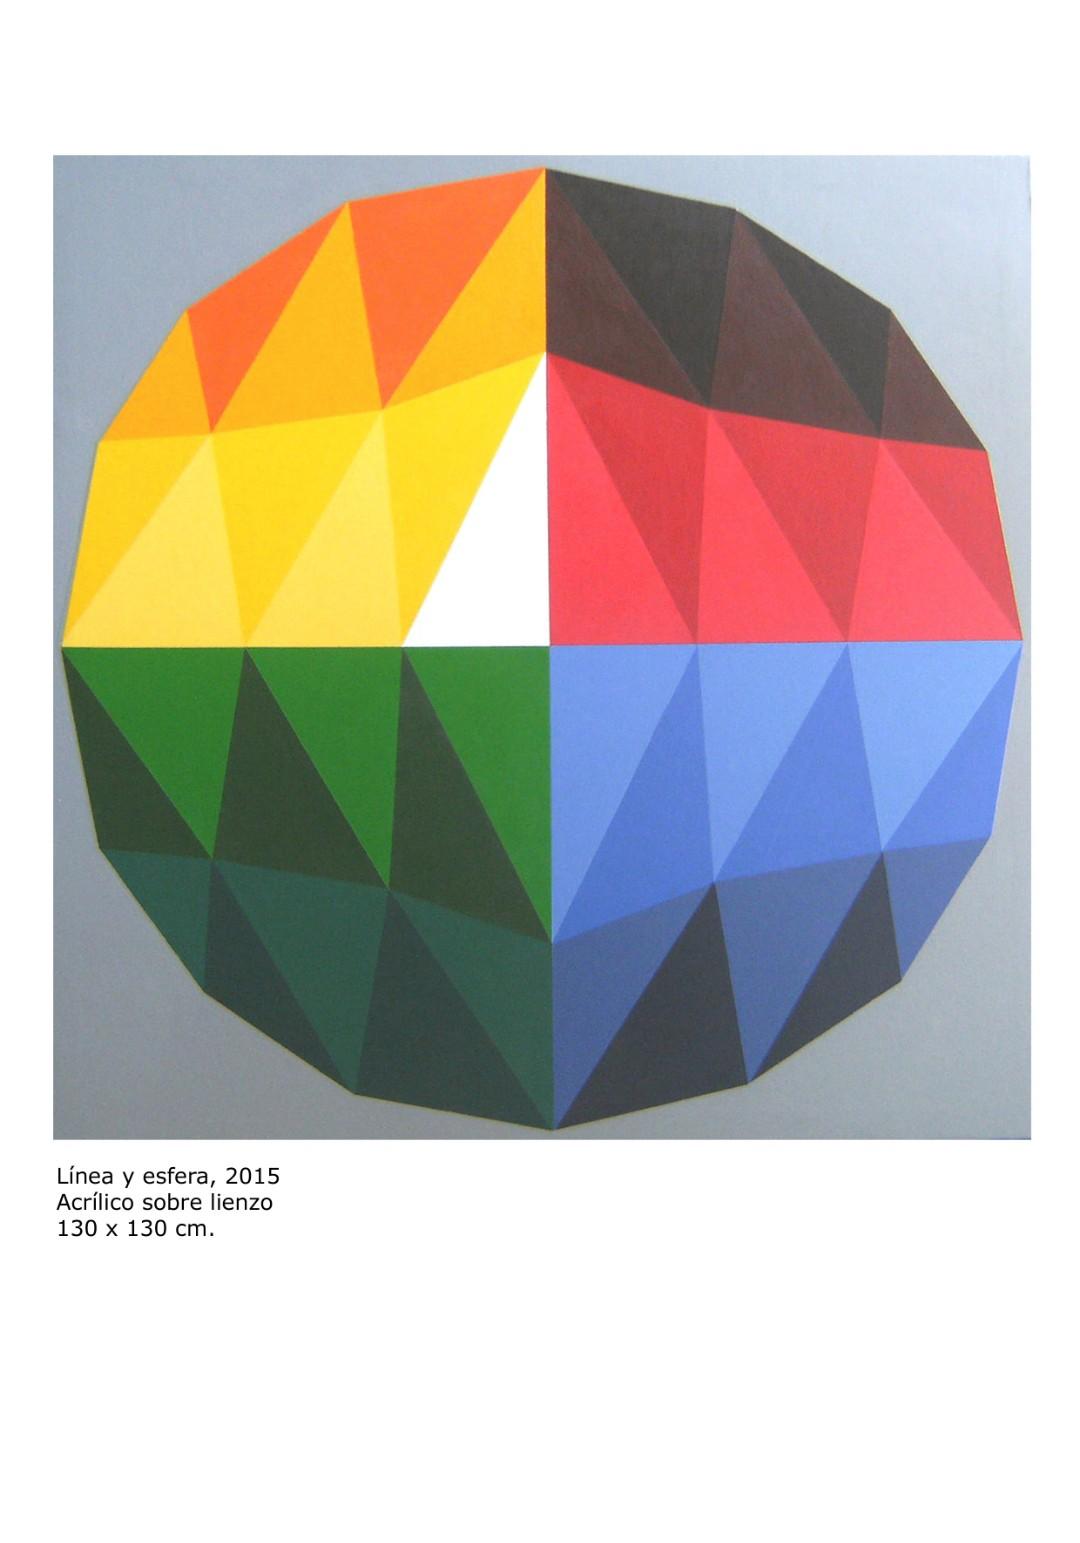 Linea y esfera (2015) - Juan Carlos Beneyto Pérez